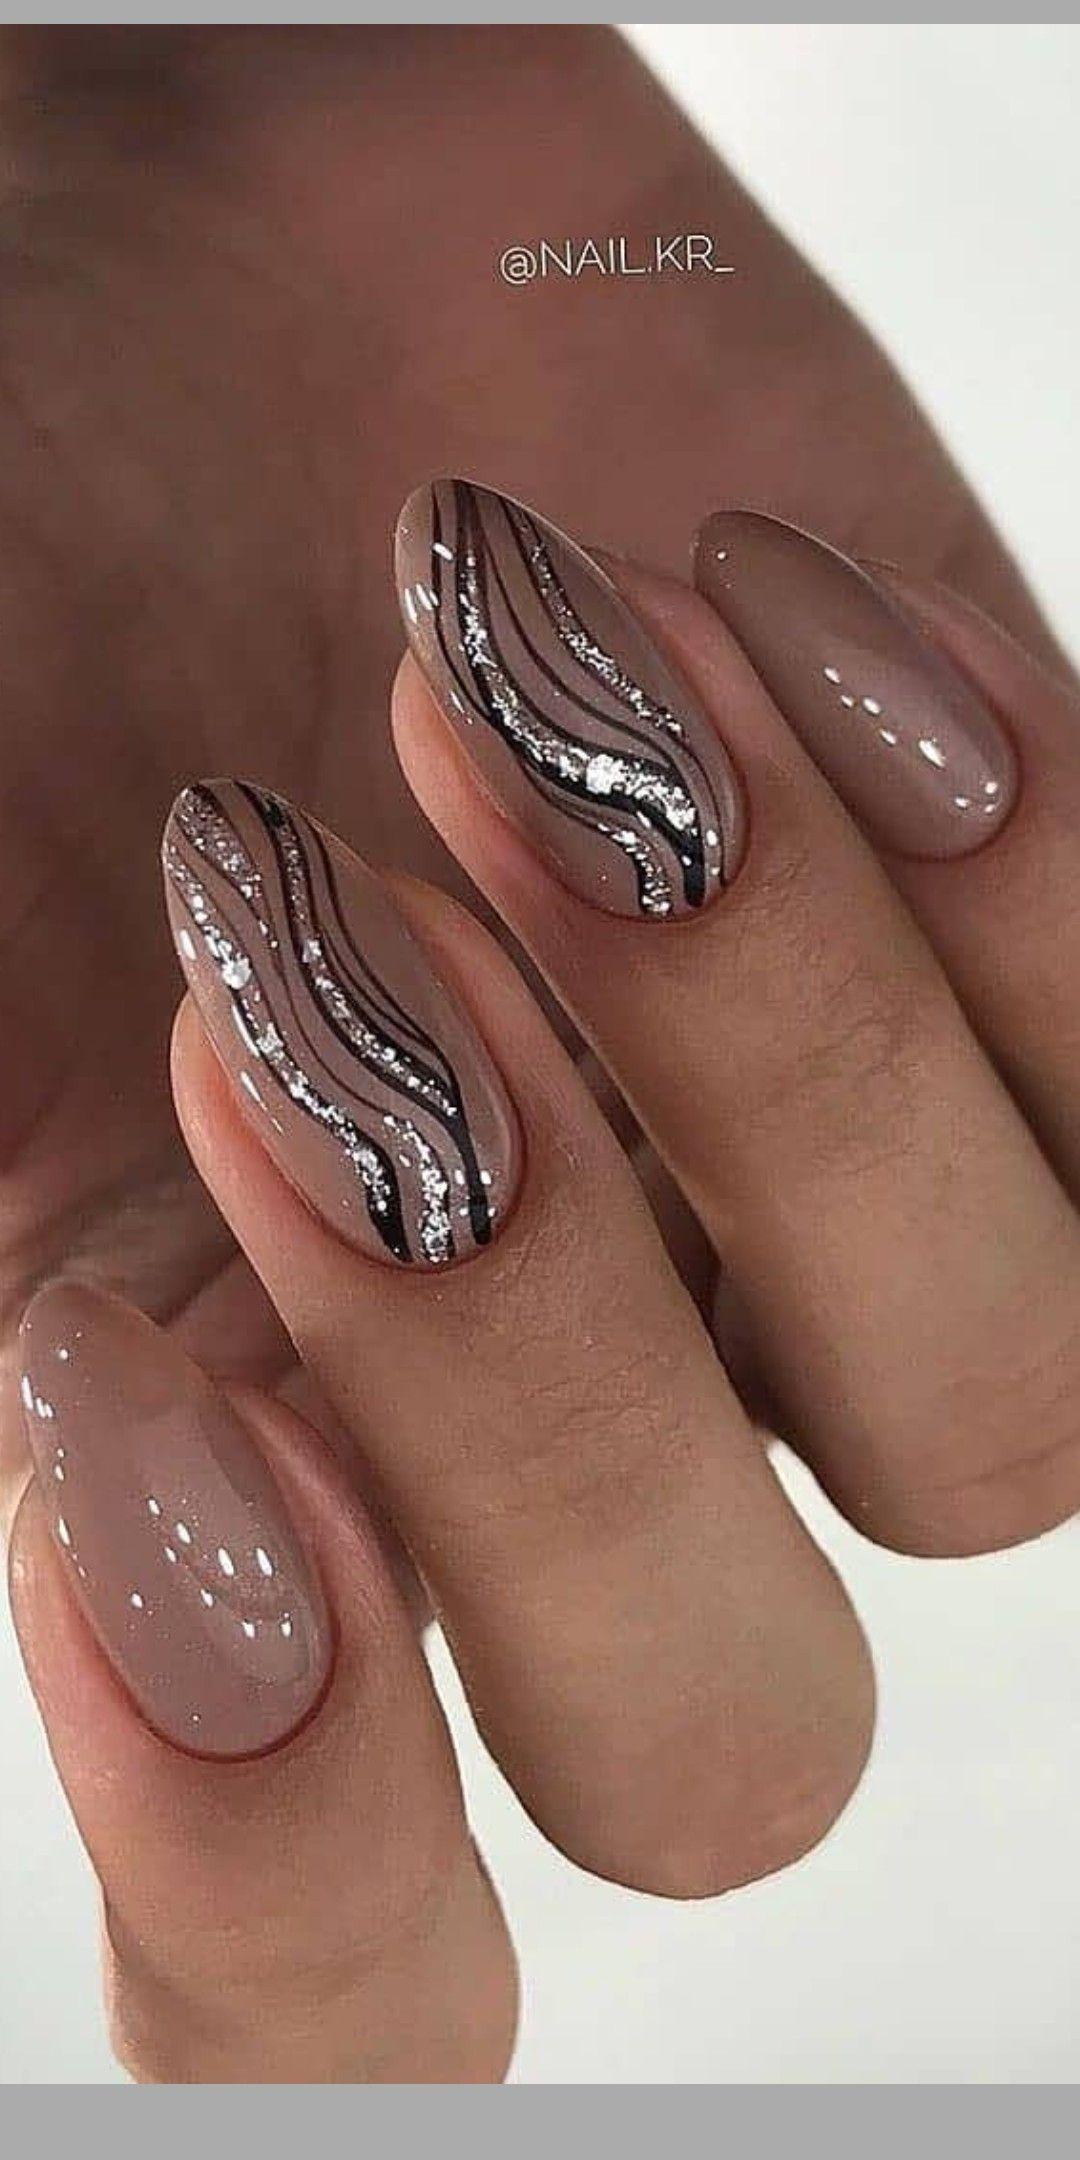 Pin By Ewuss On Nails In 2020 Kratke Nehty Cervene Nehty Gelove Nehty